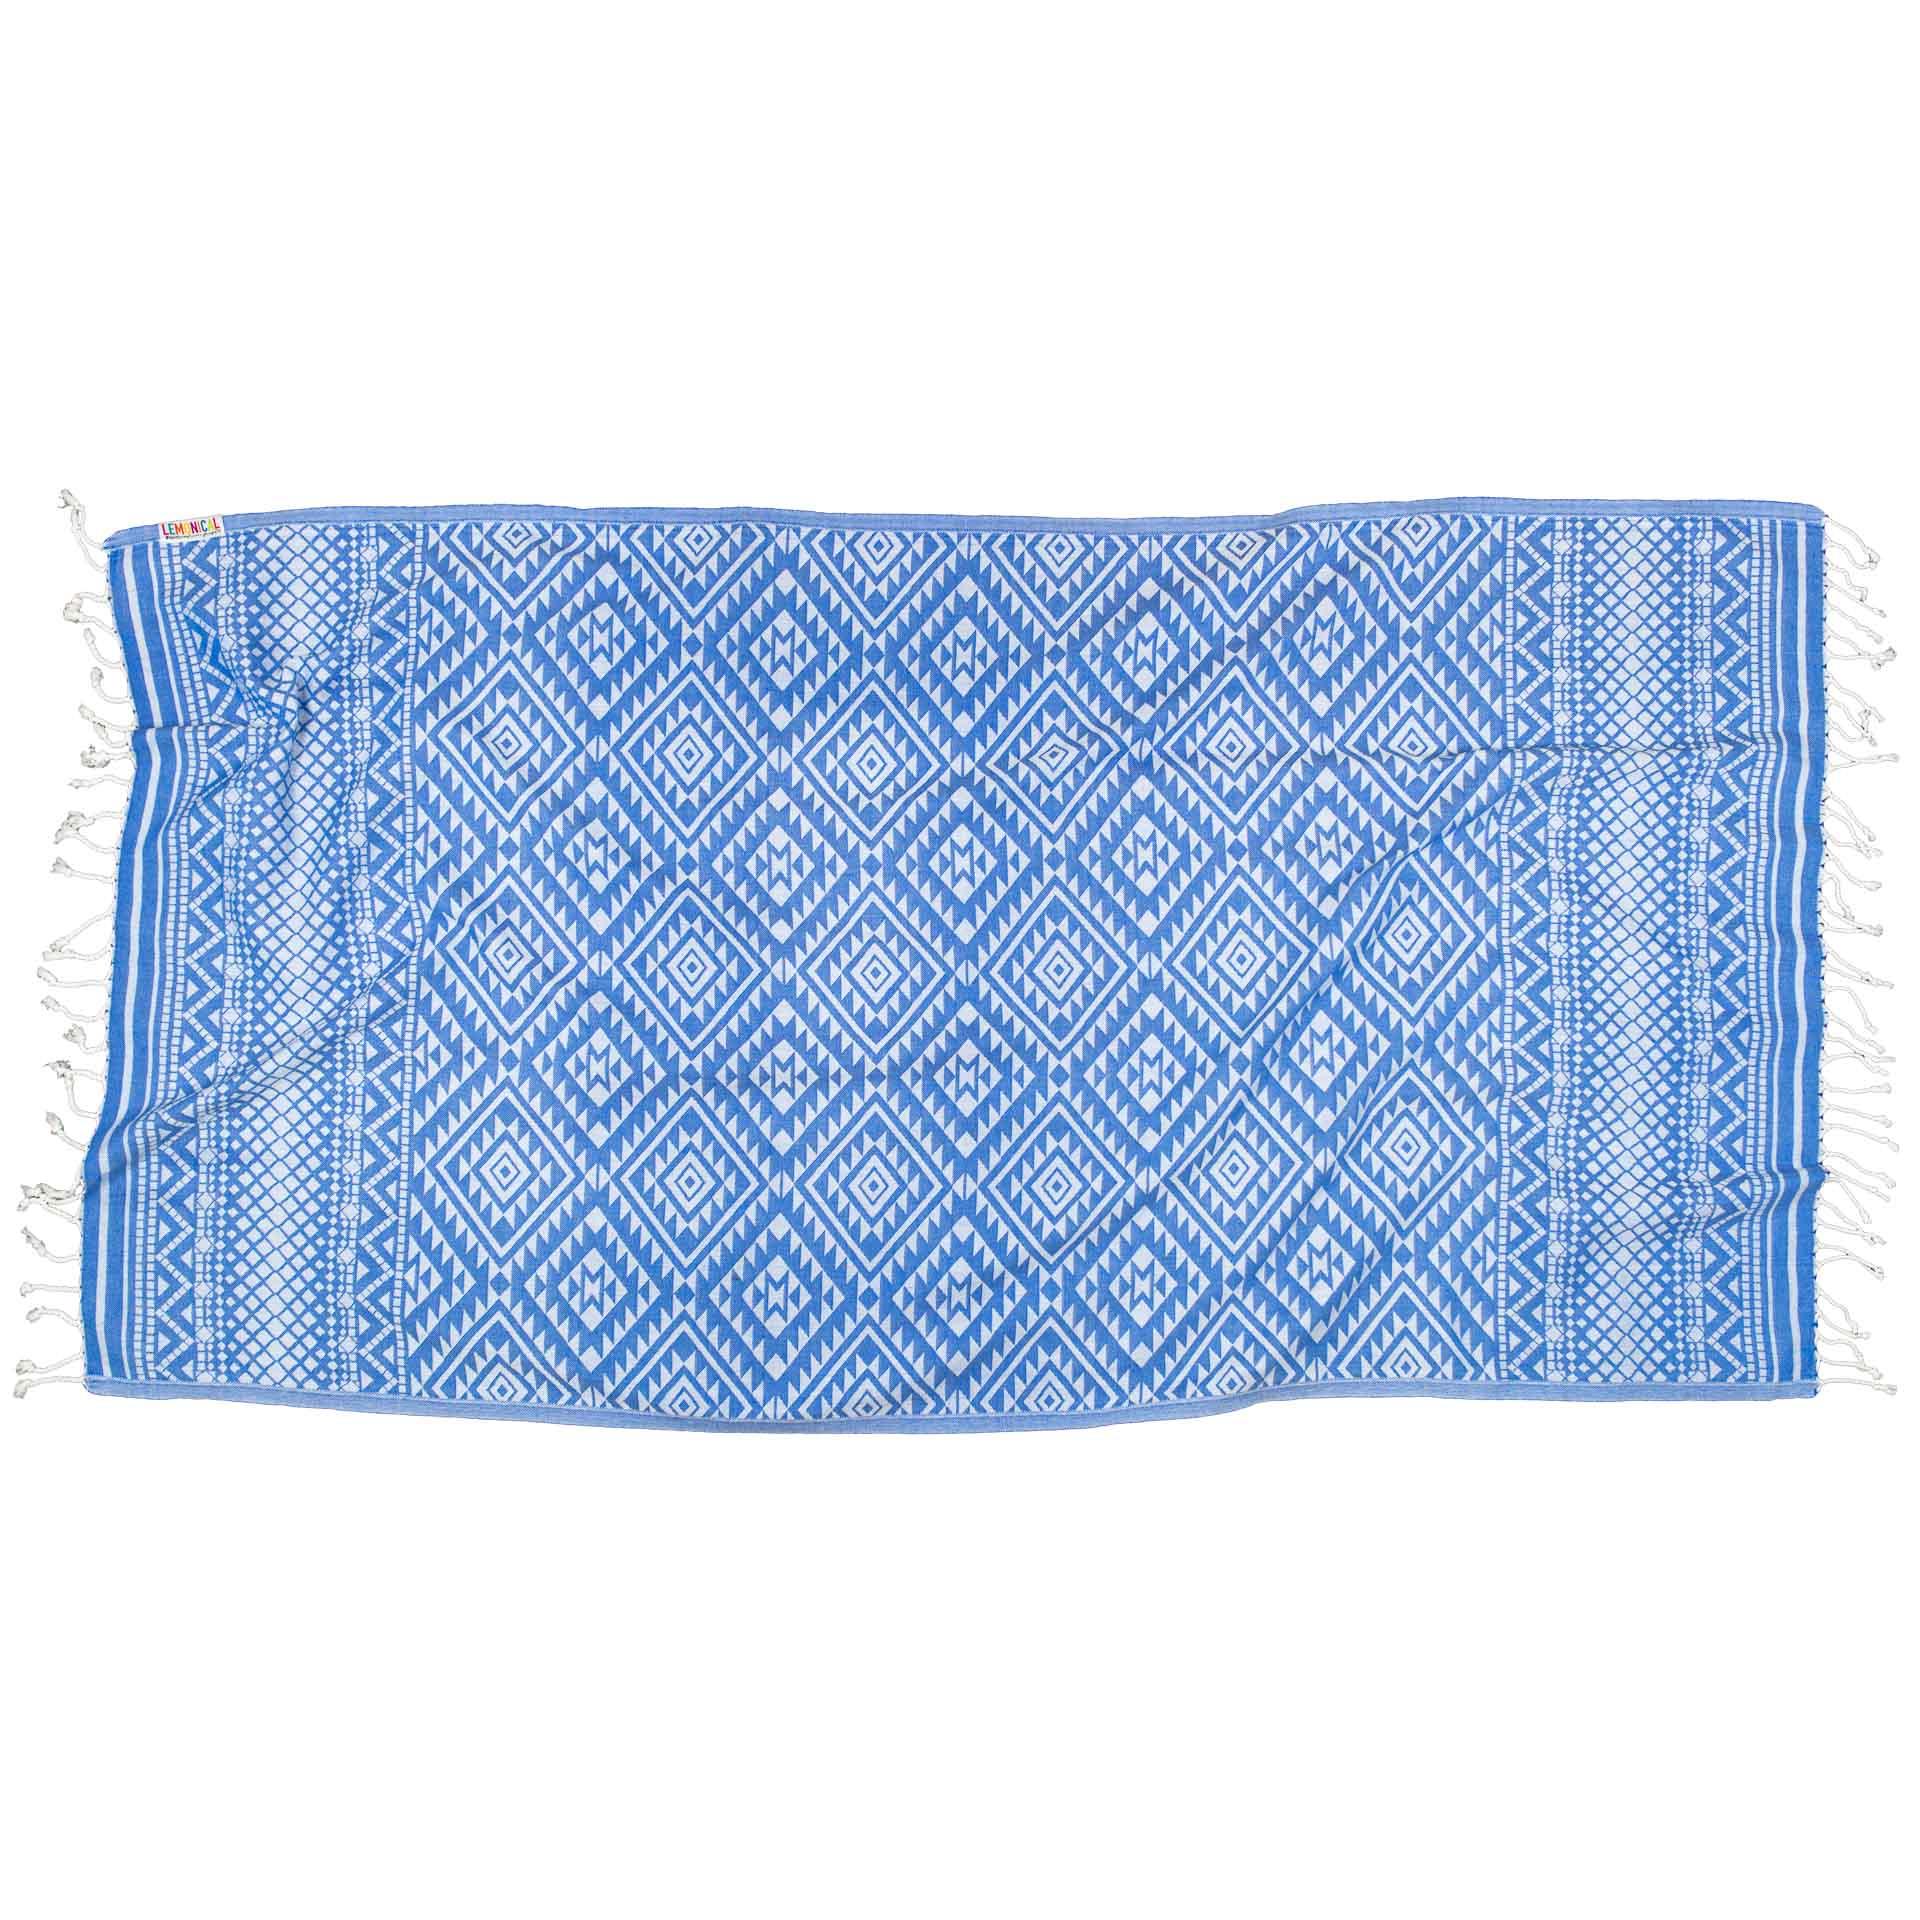 BLUE-ORIENT-Towel-Lemonical-1